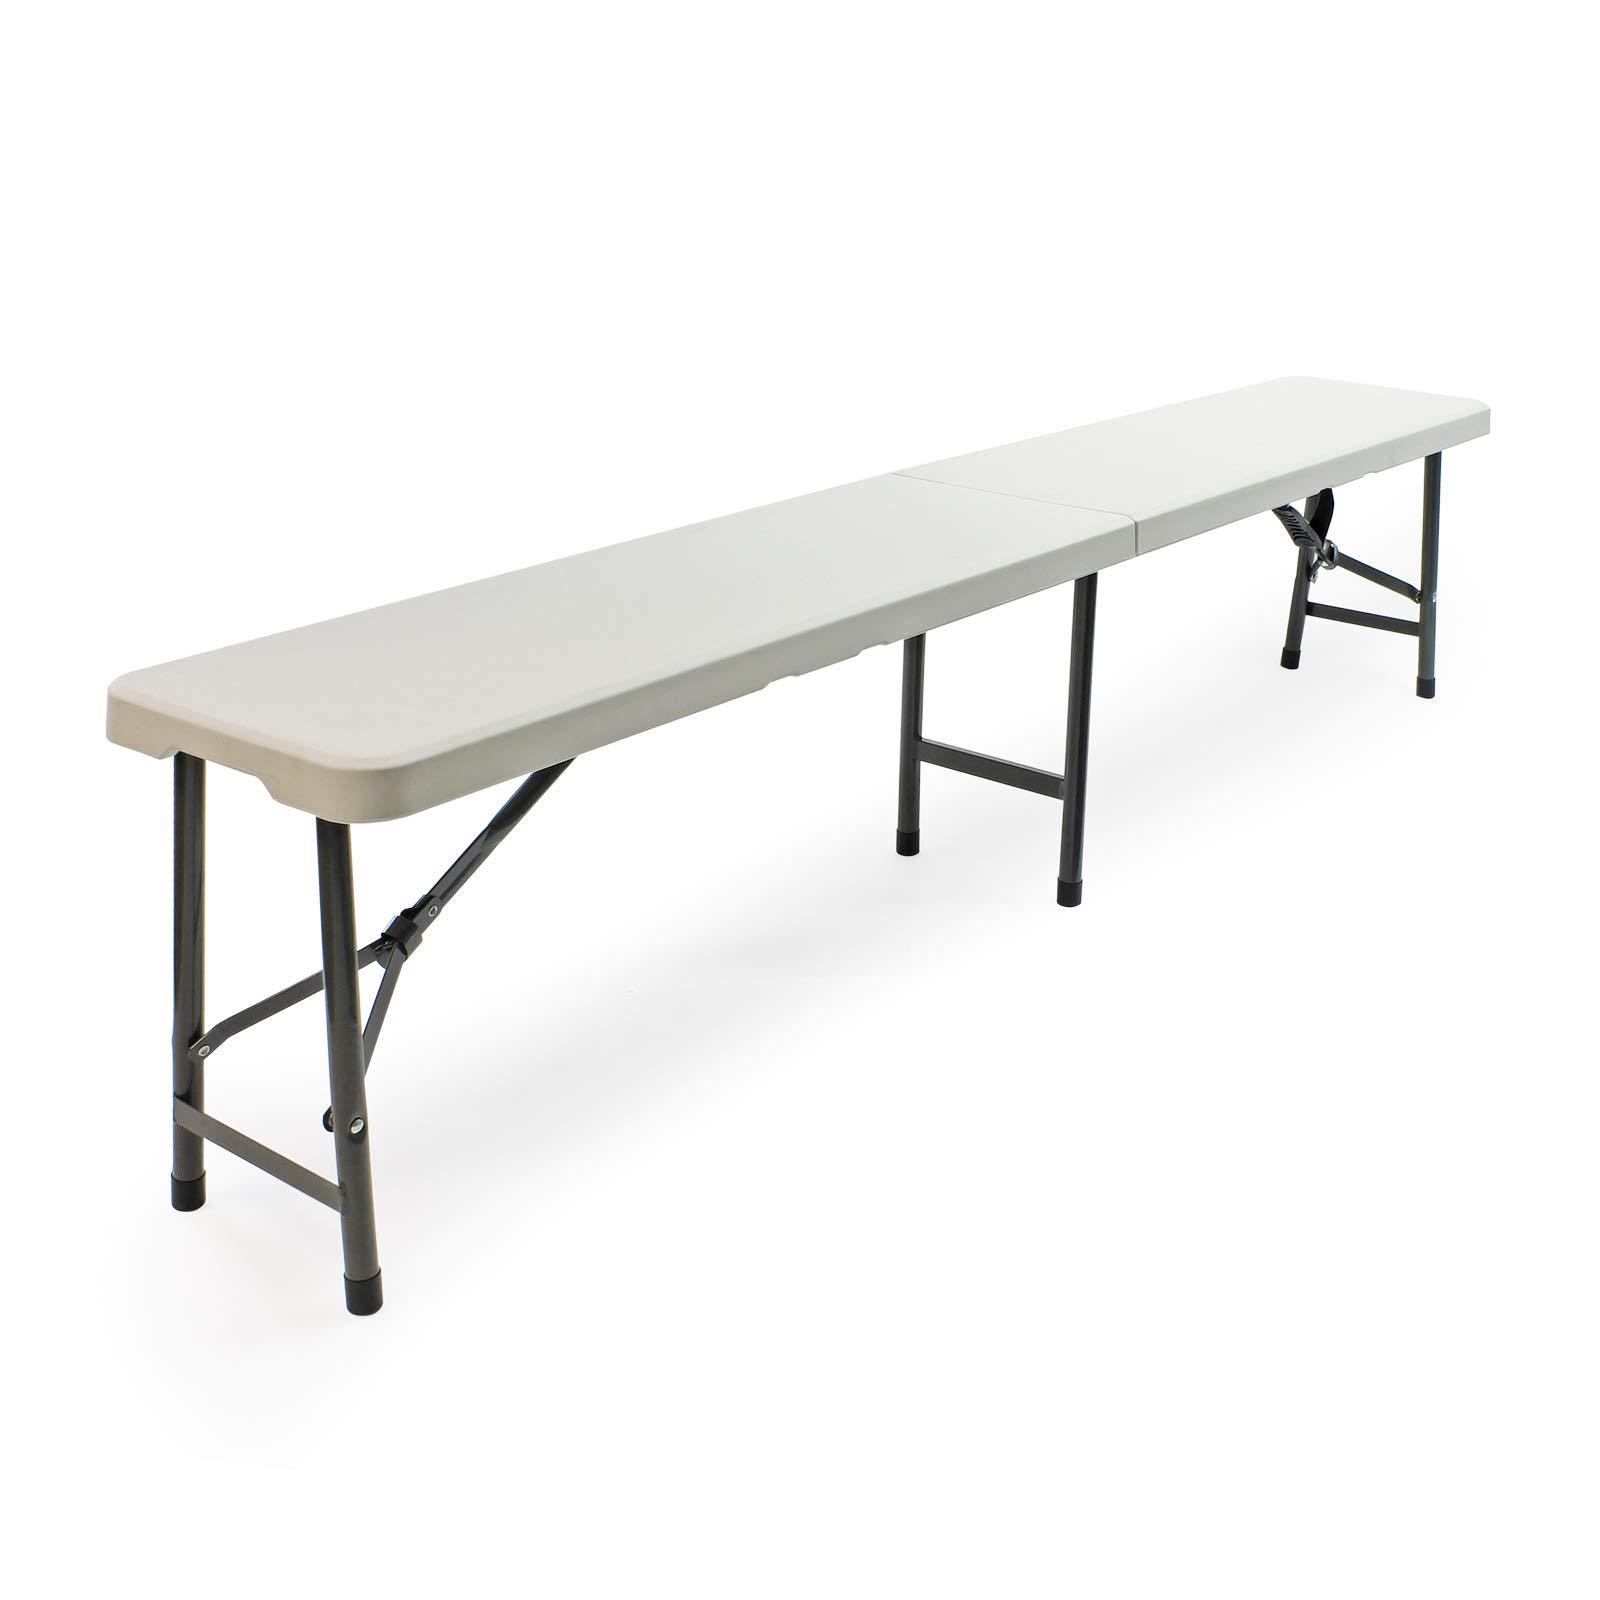 Panca panchina panchetta 183X30H44CM pieghevole in dura resina di plastica bianca con 3 gambe in ferro e metallo richiudibile per tavolo